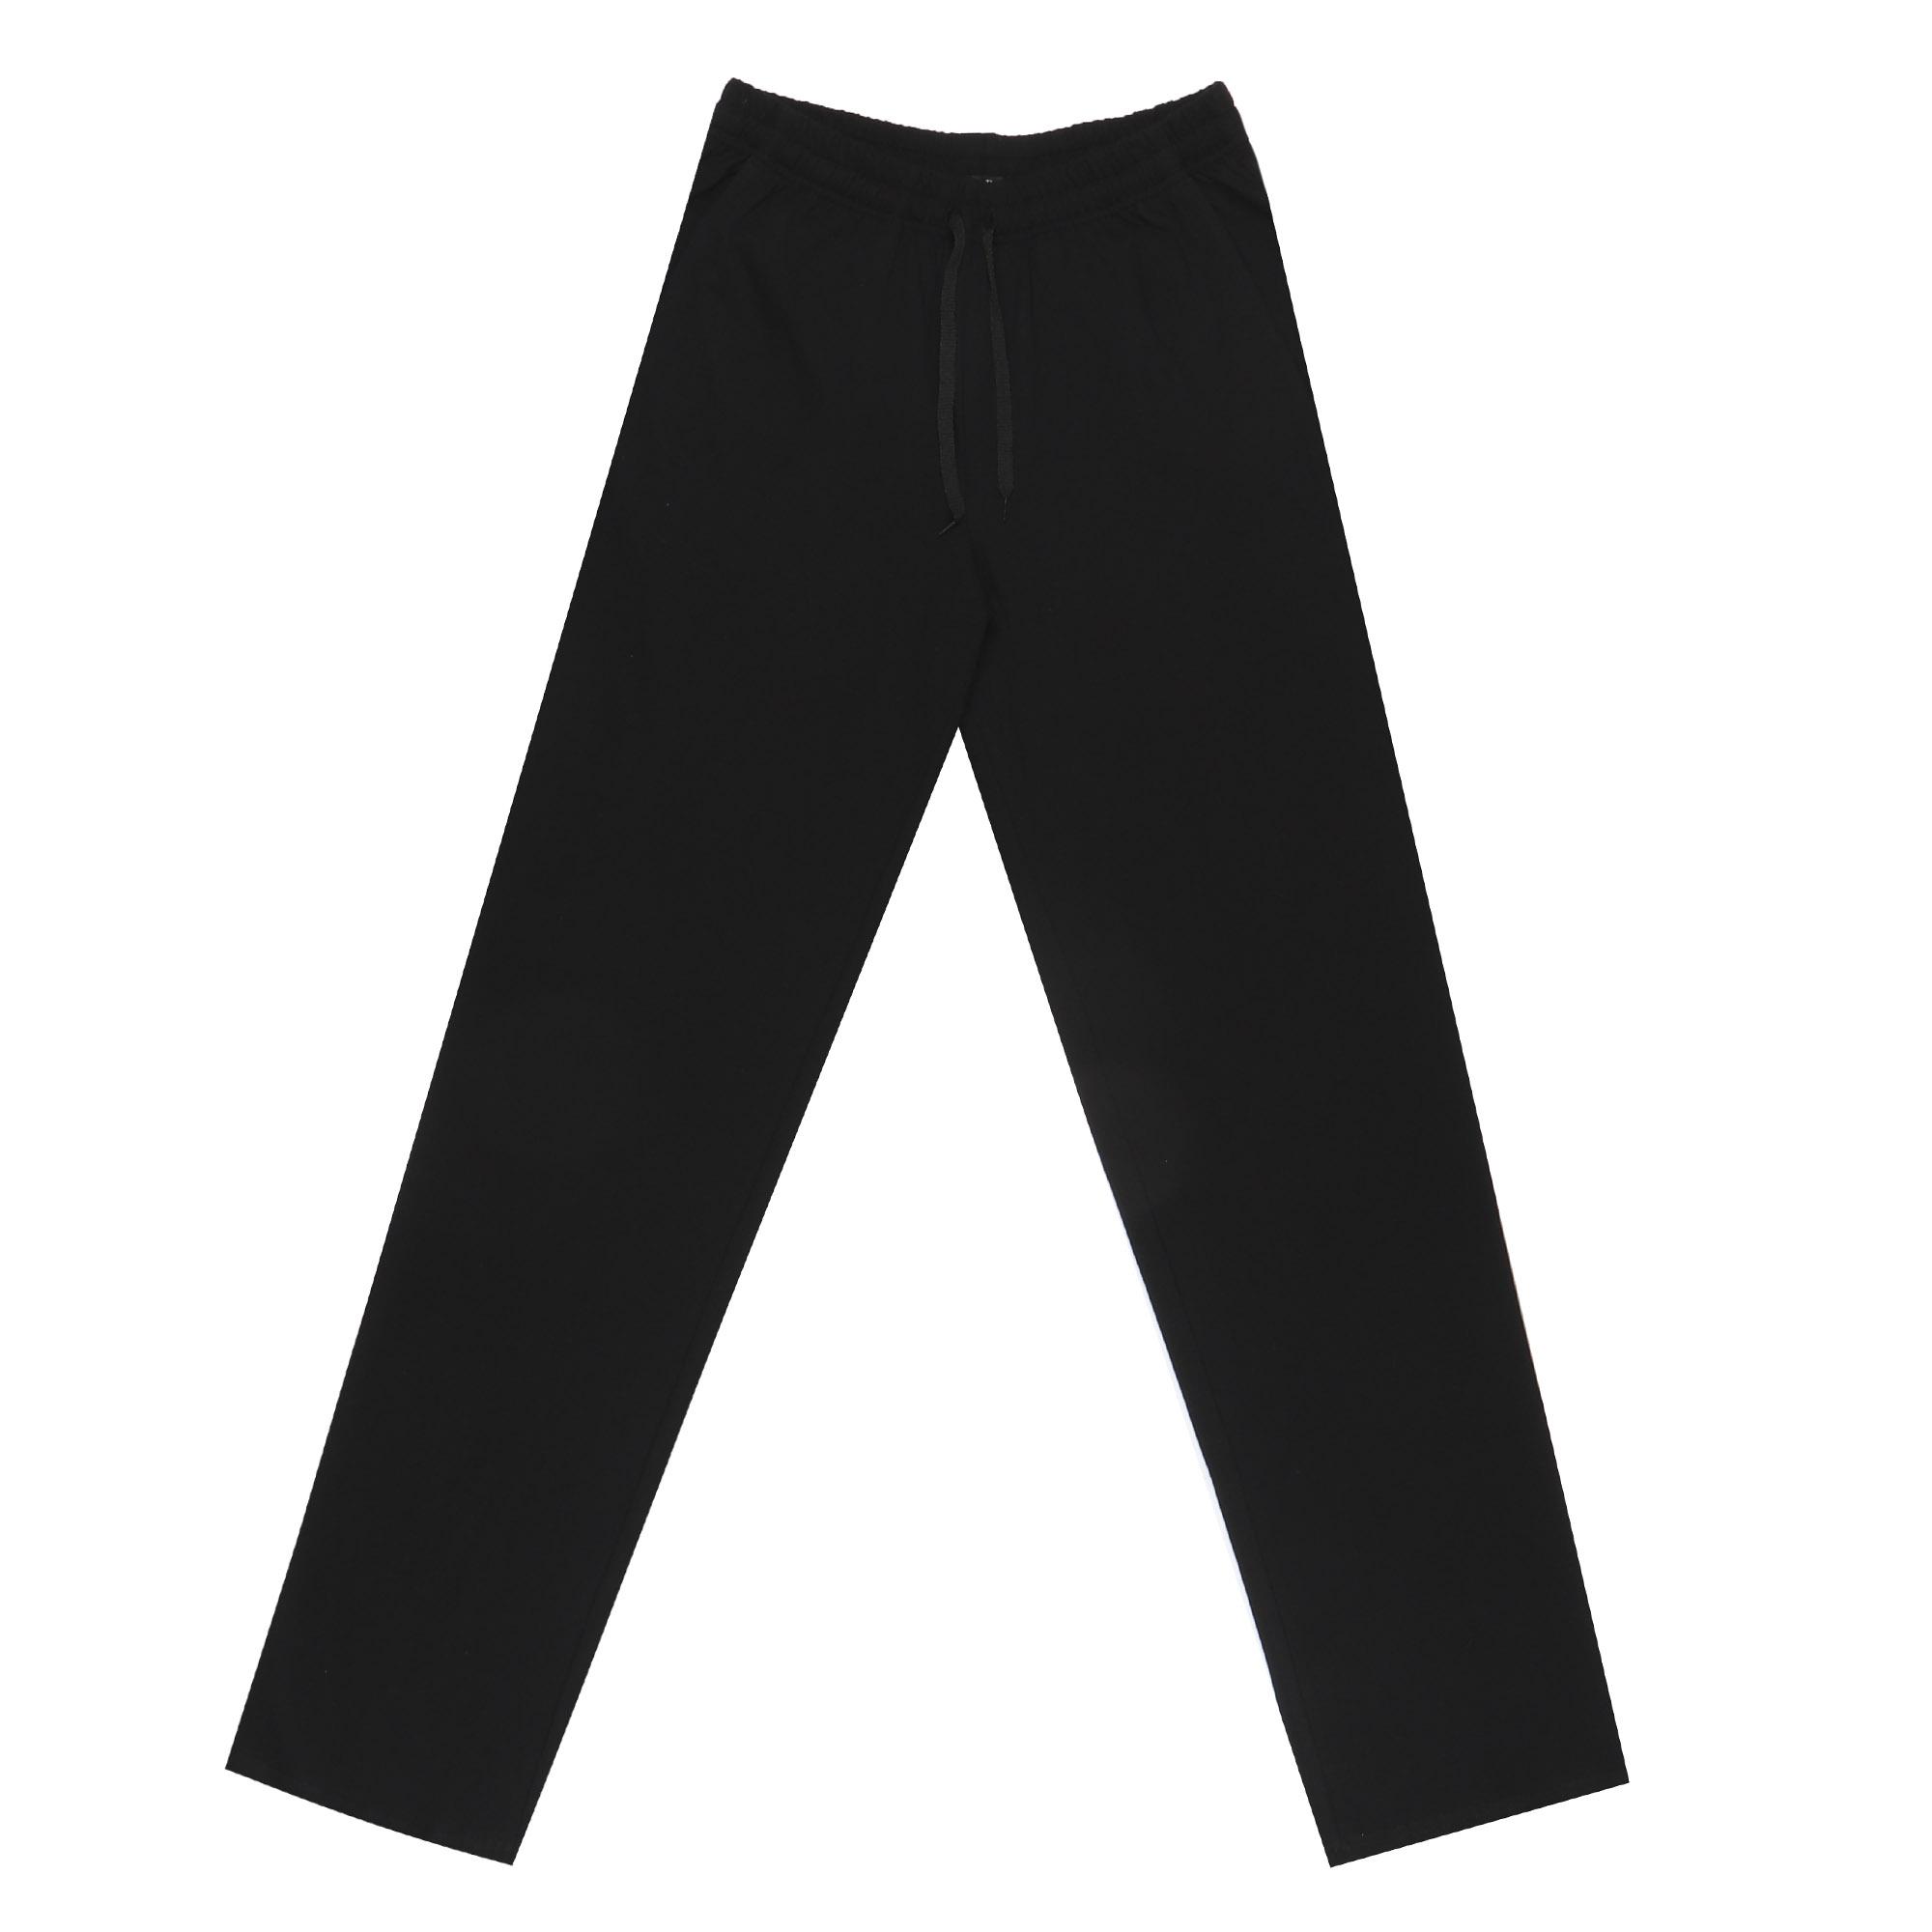 Мужские брюки Pantelemone PDB-021 50 черные